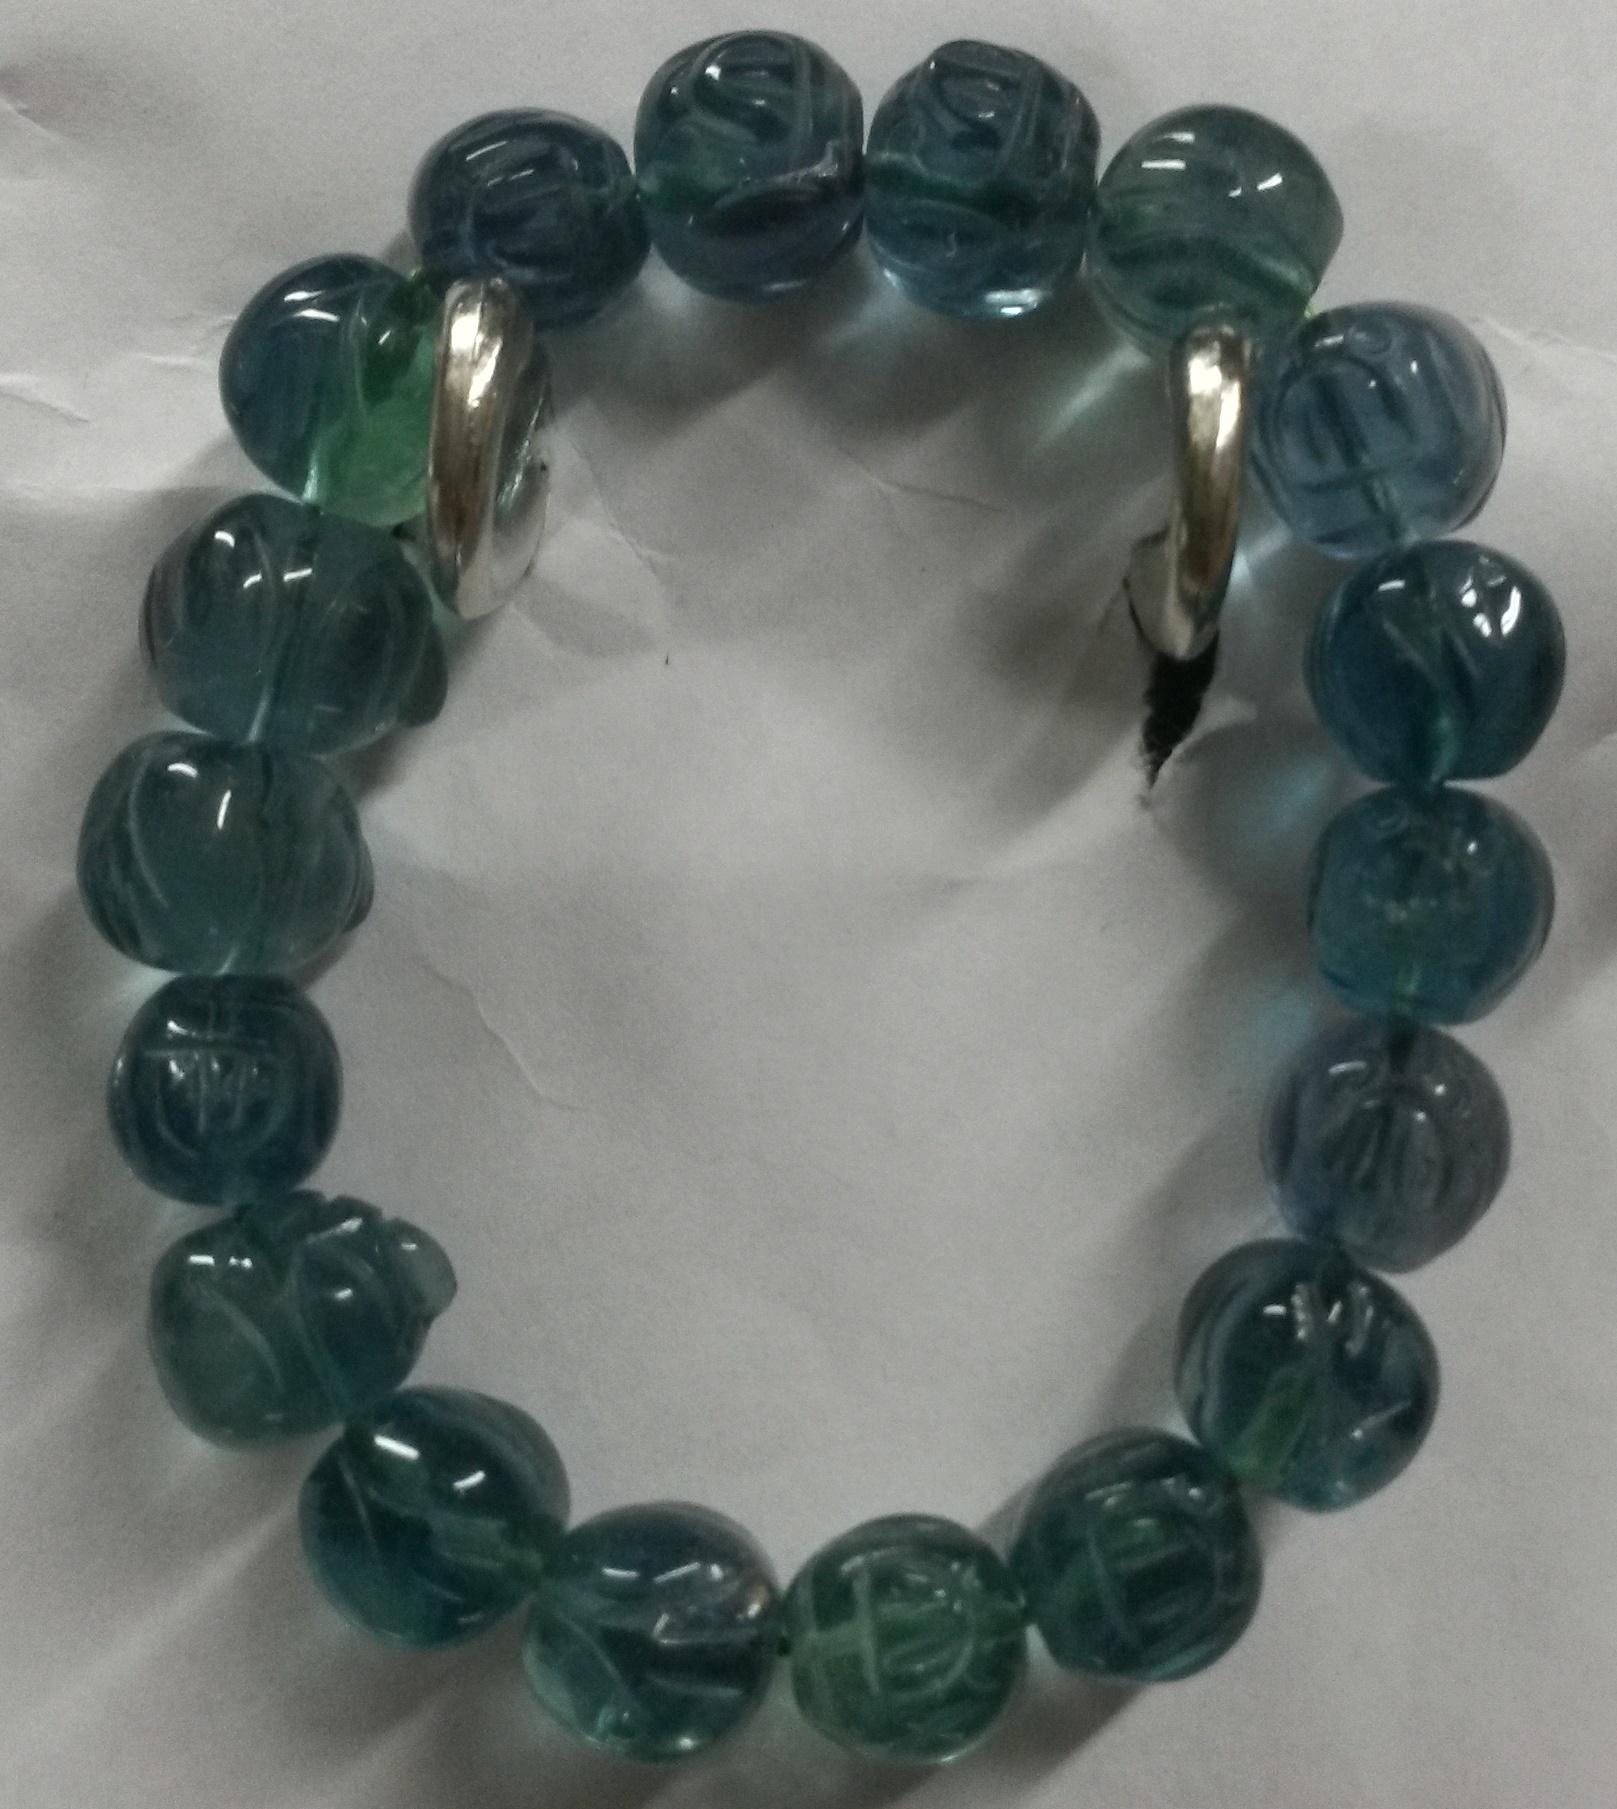 Green Fluorite Bracelet